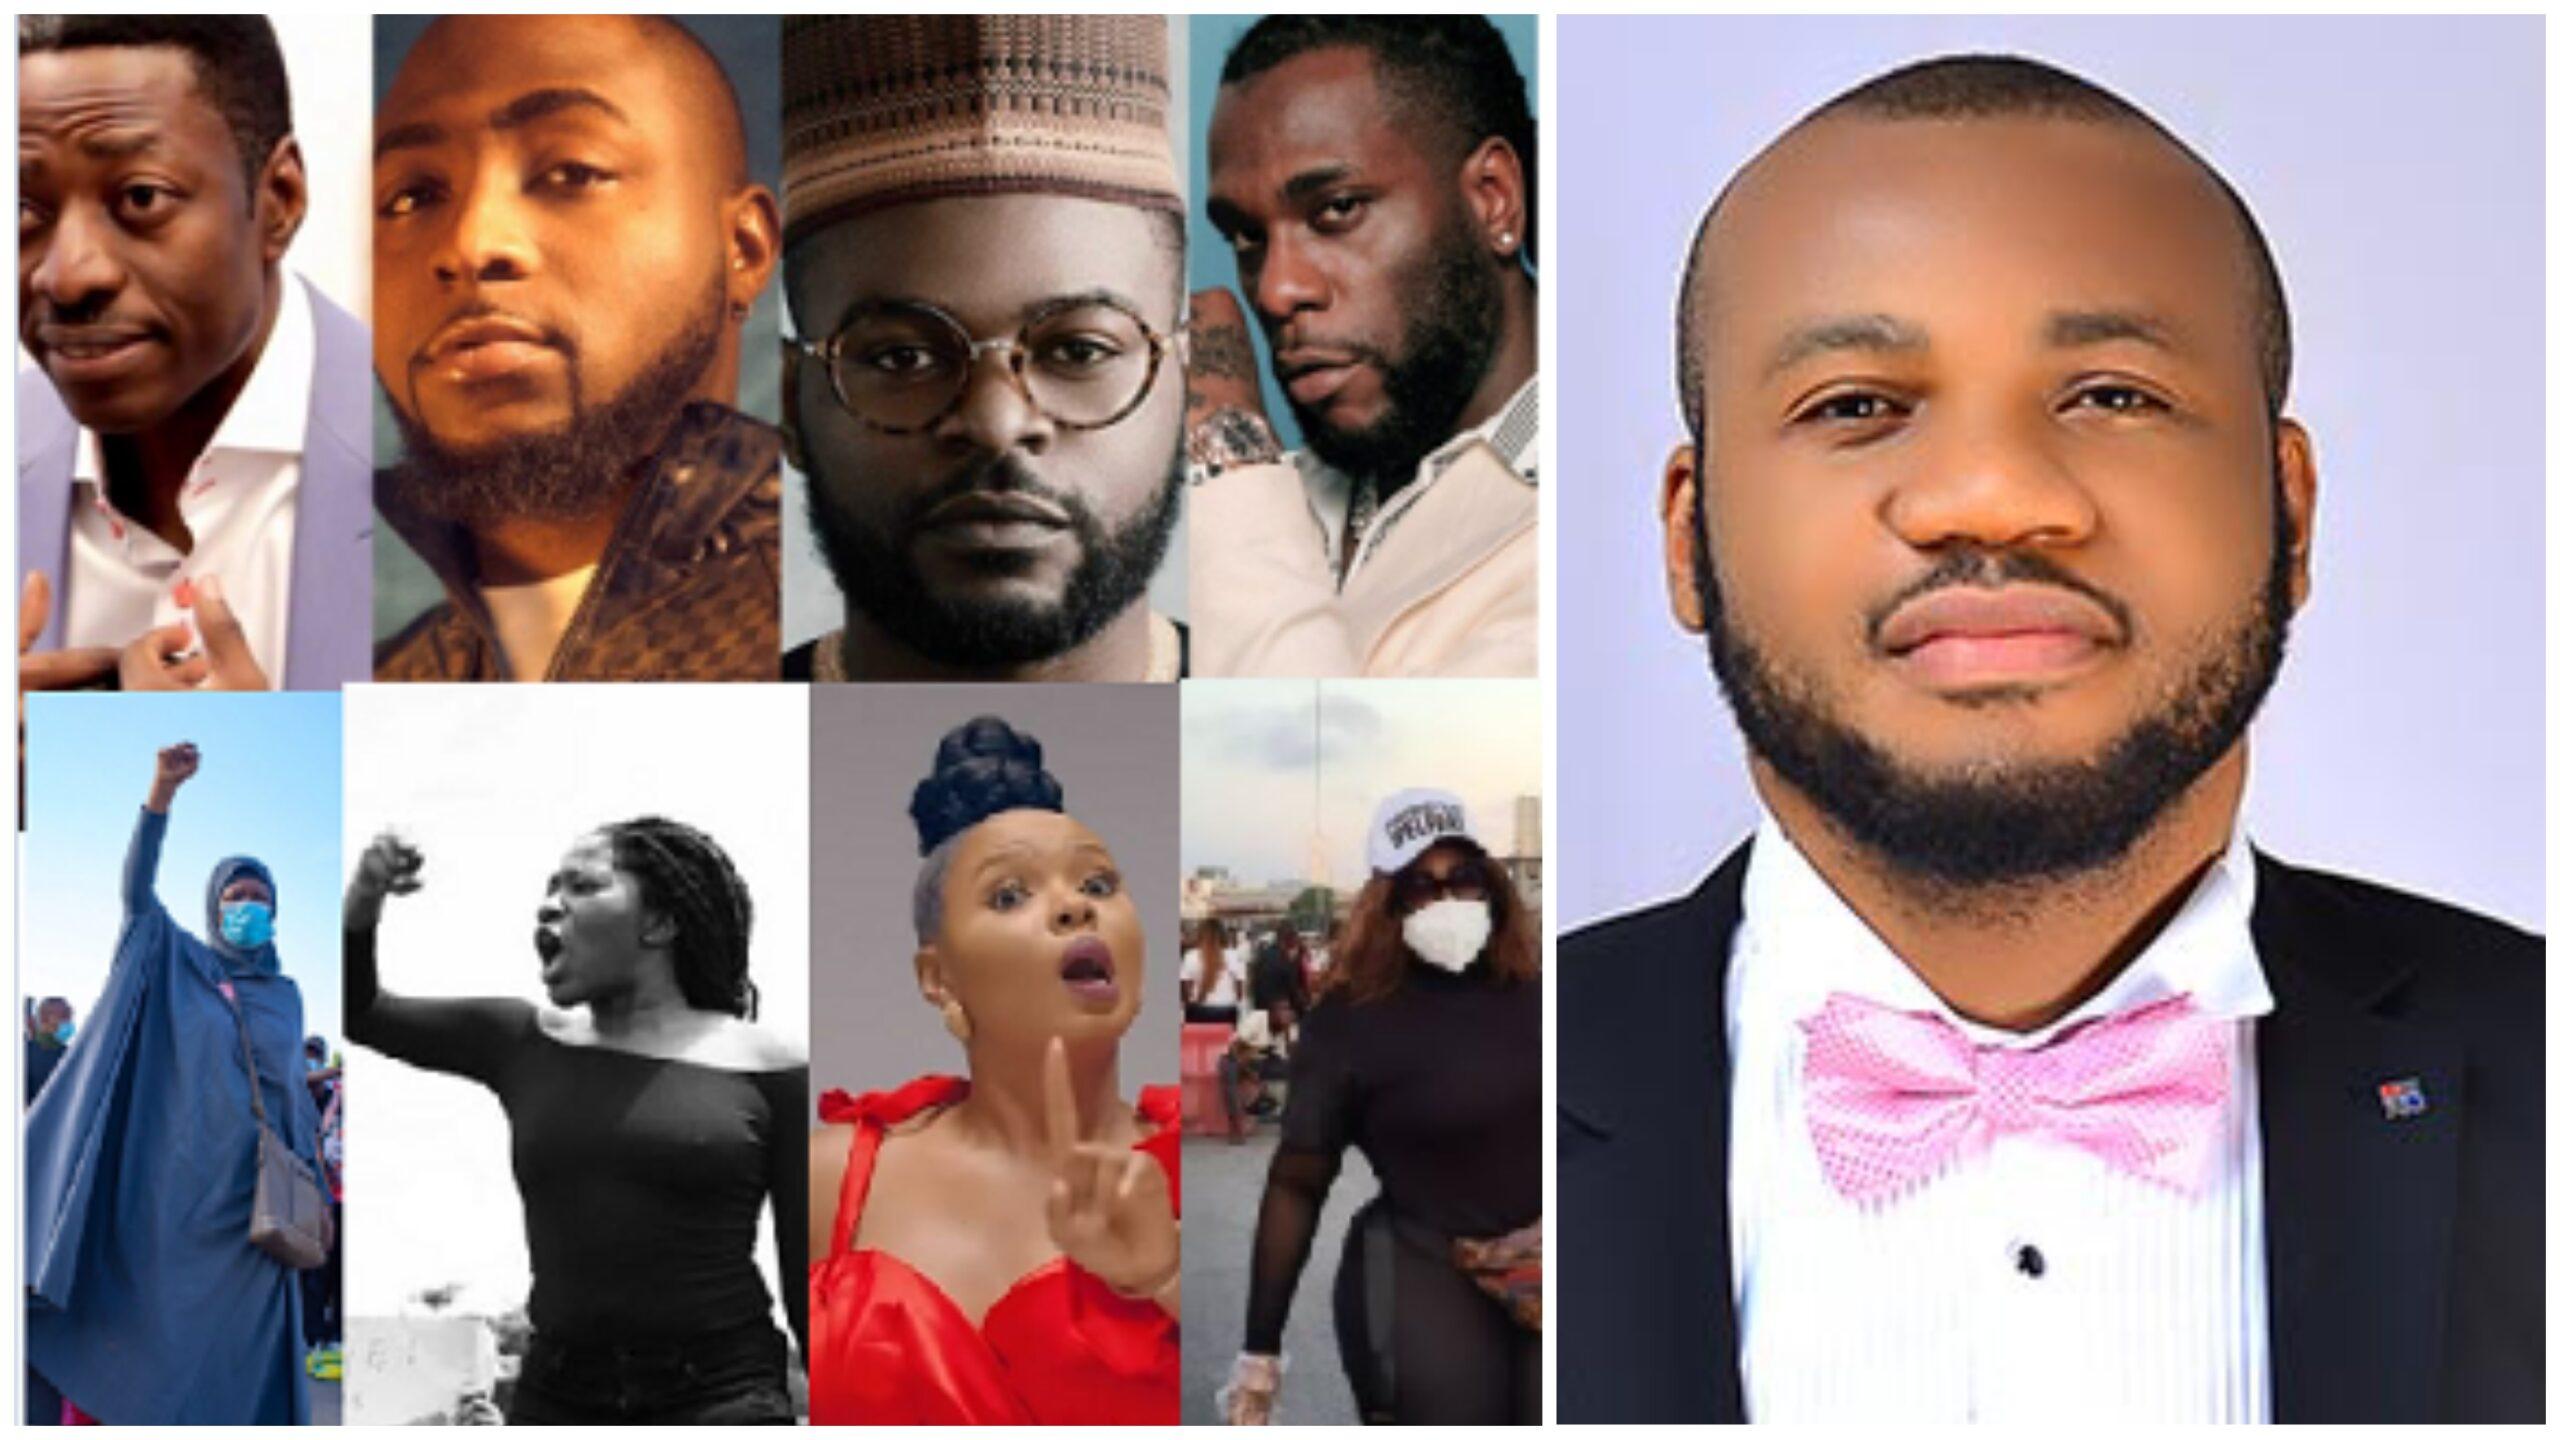 #EndSARS: Court dismisses motion against Sam Adeyemi, Falz, 2face, 47 other celebrities